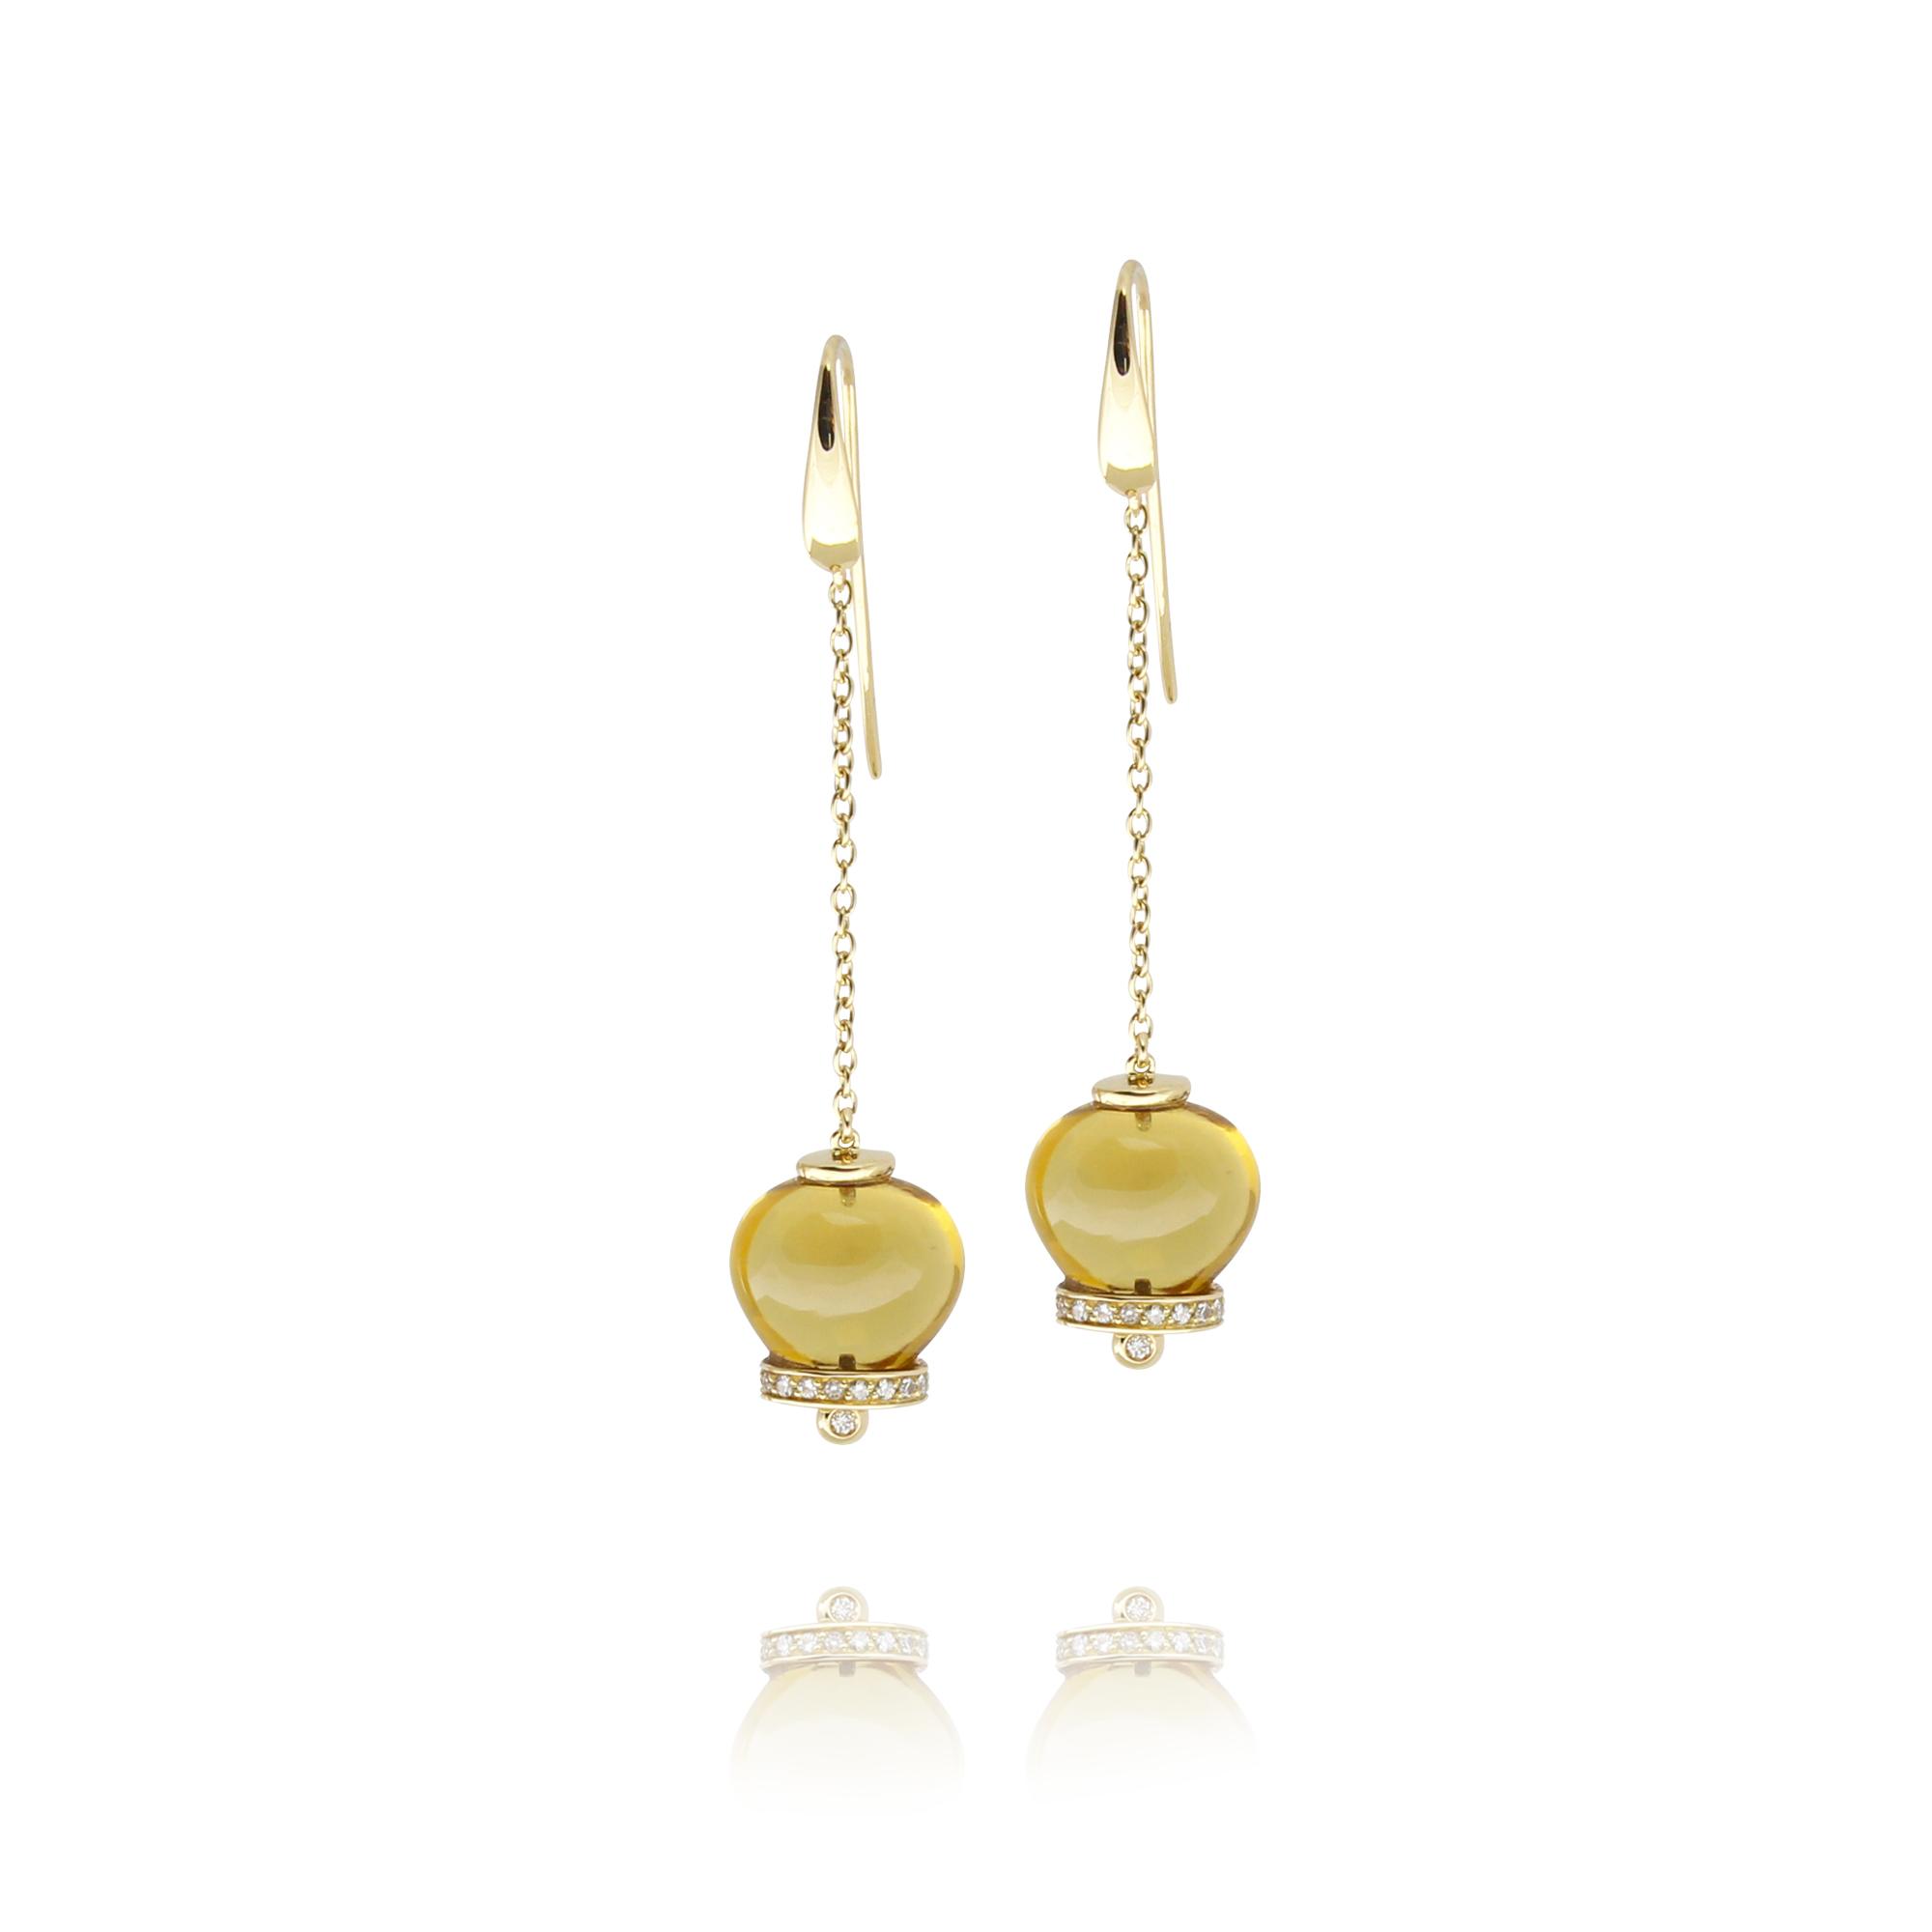 kolczyki campanelle z żółtego złota 18 karatowego cytryn z diamentami